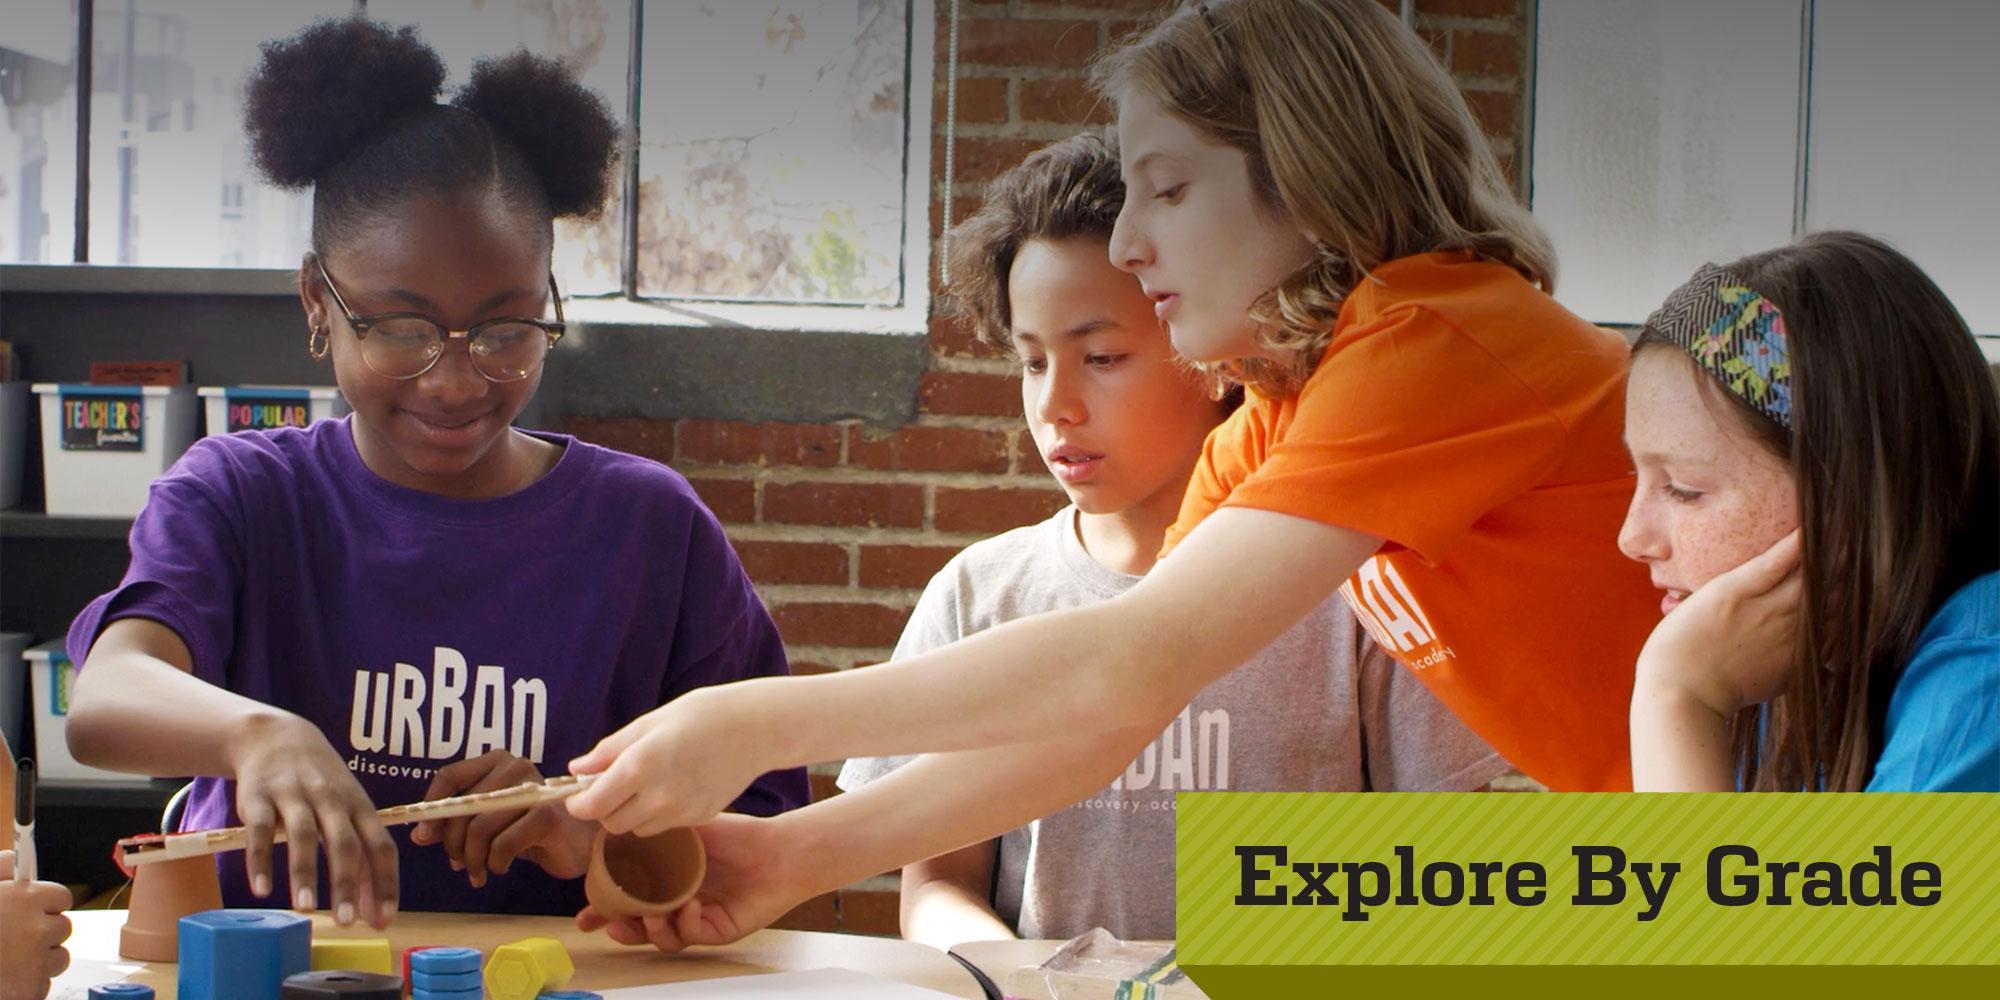 Urban Discovery Schools - Explore By Grade